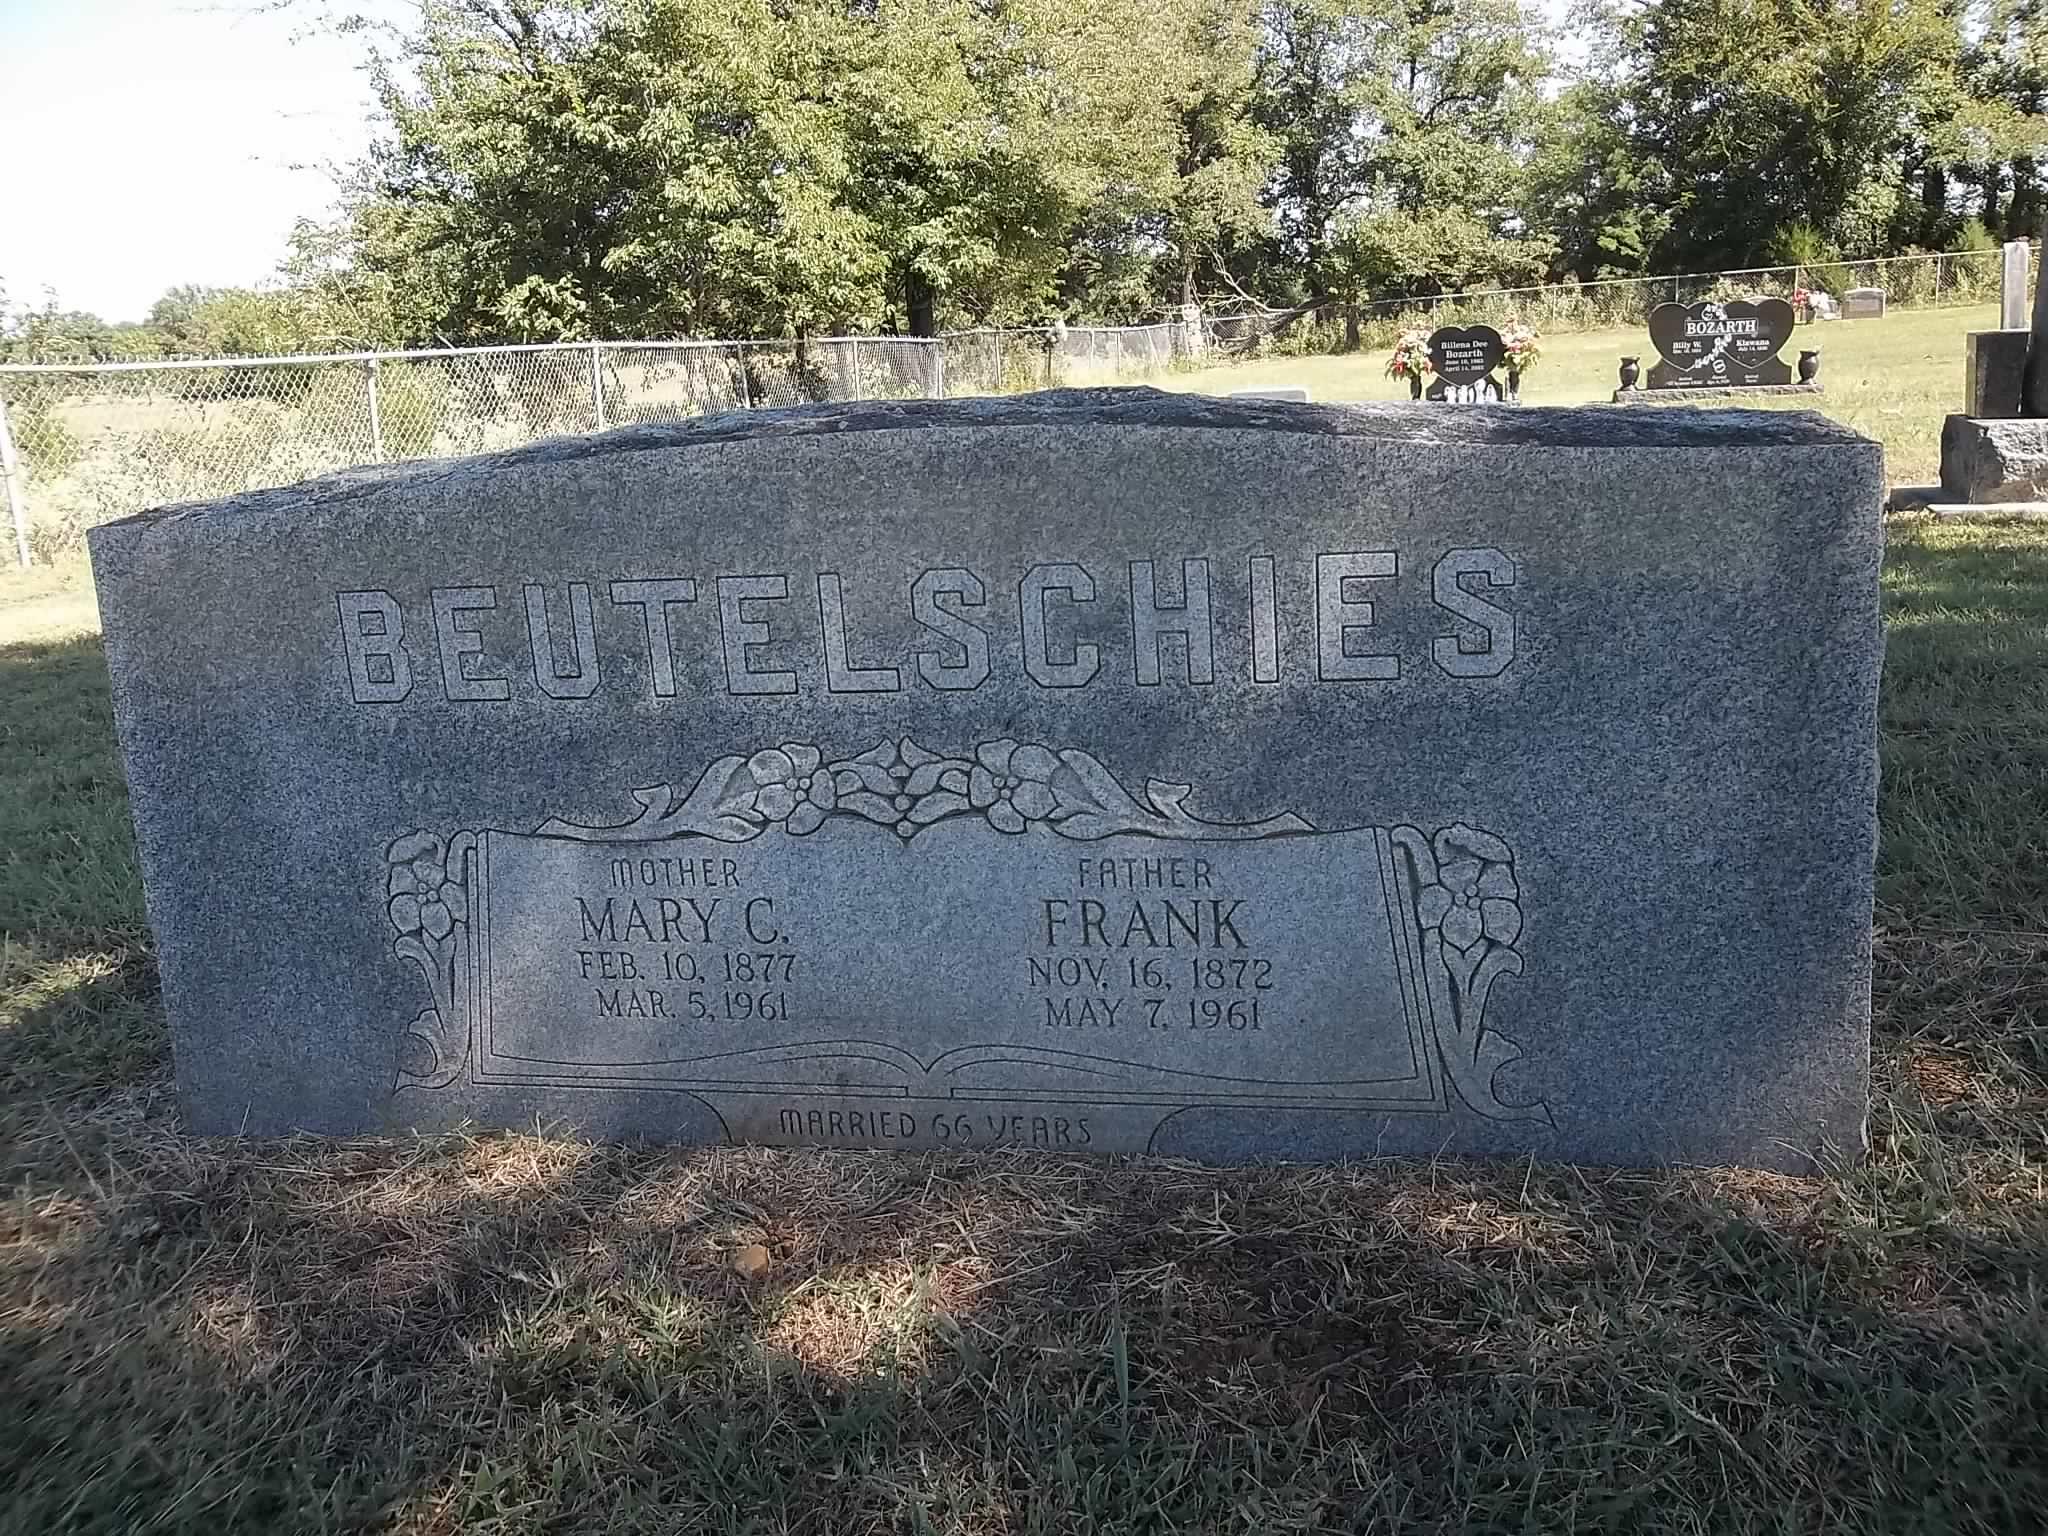 Frank Beutelschies